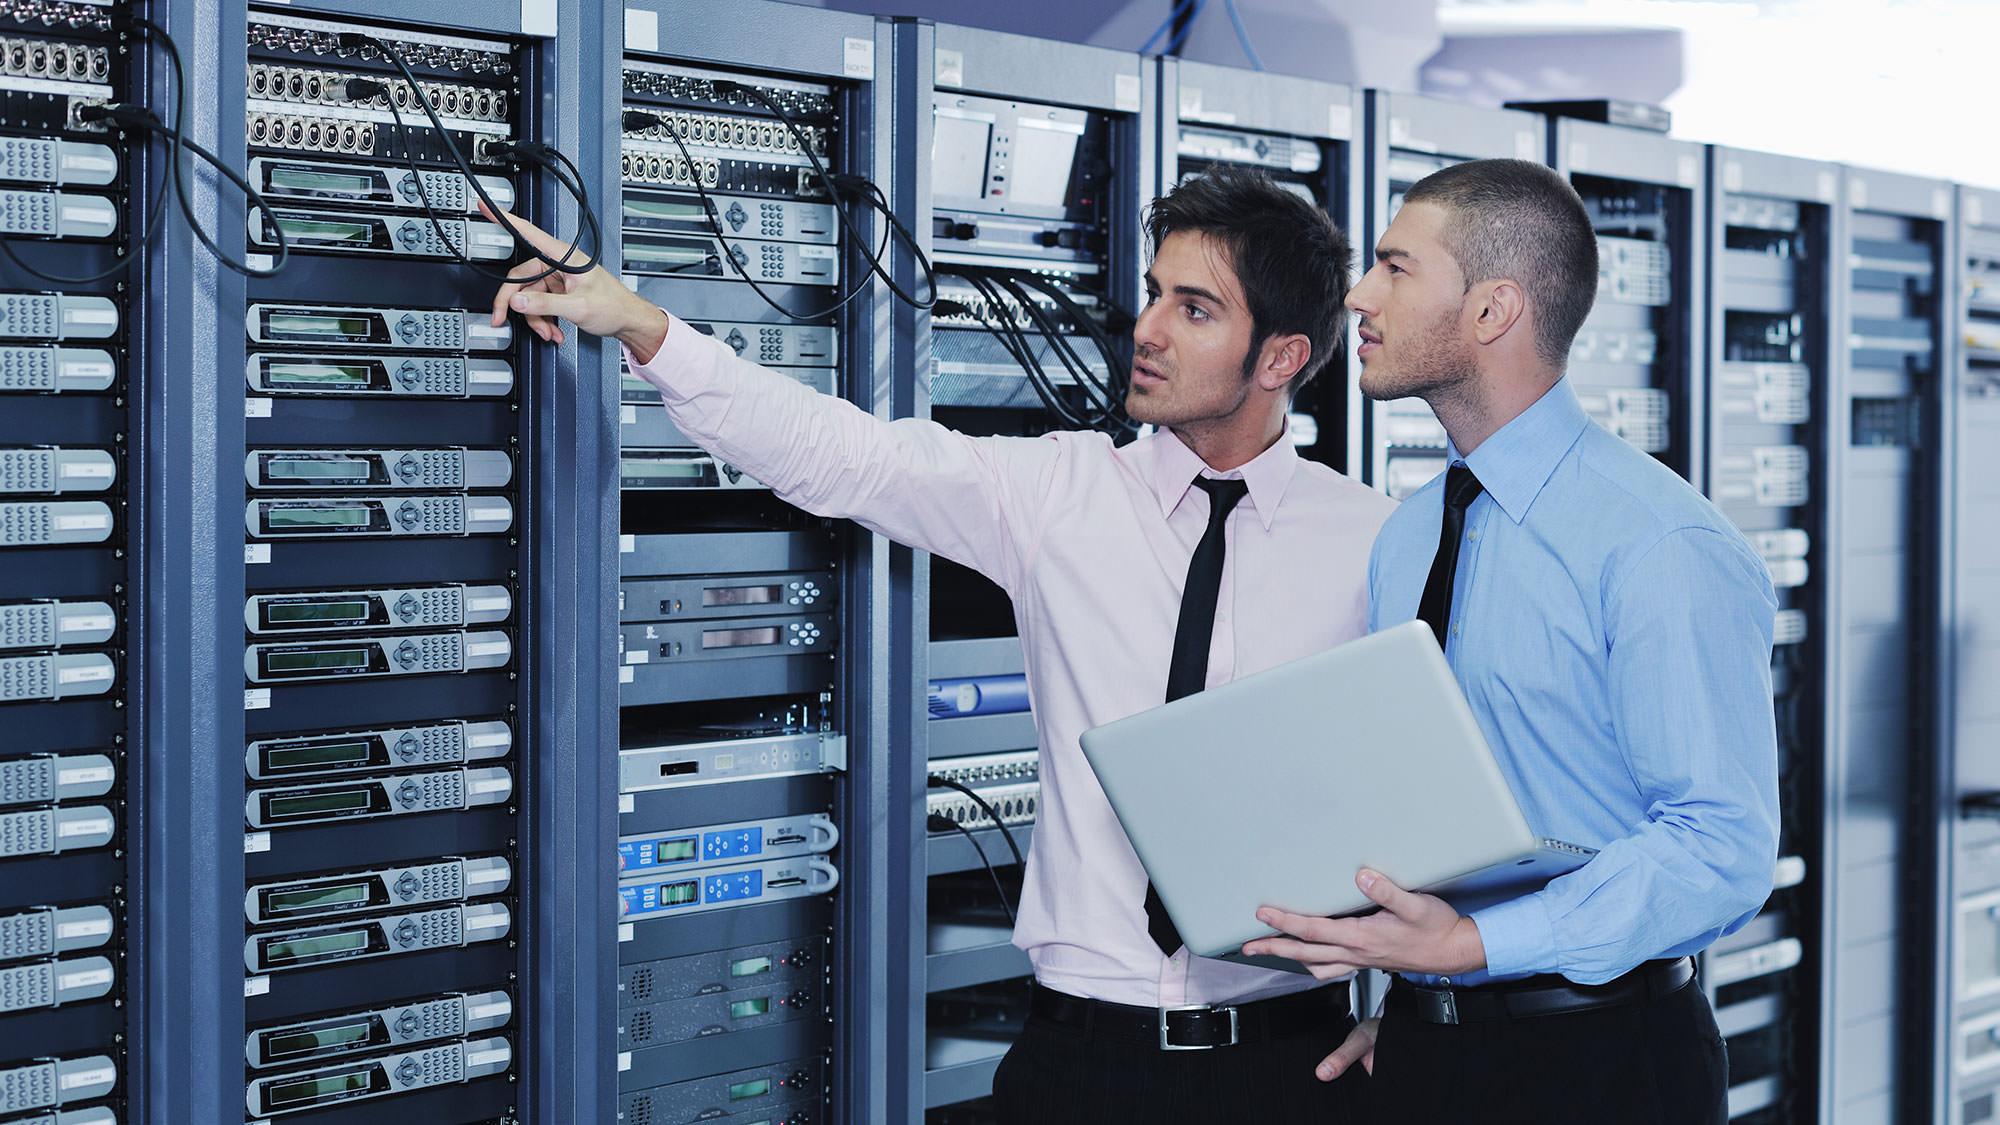 中堅ITエンジニア向けの要件定義と基本設計の演習